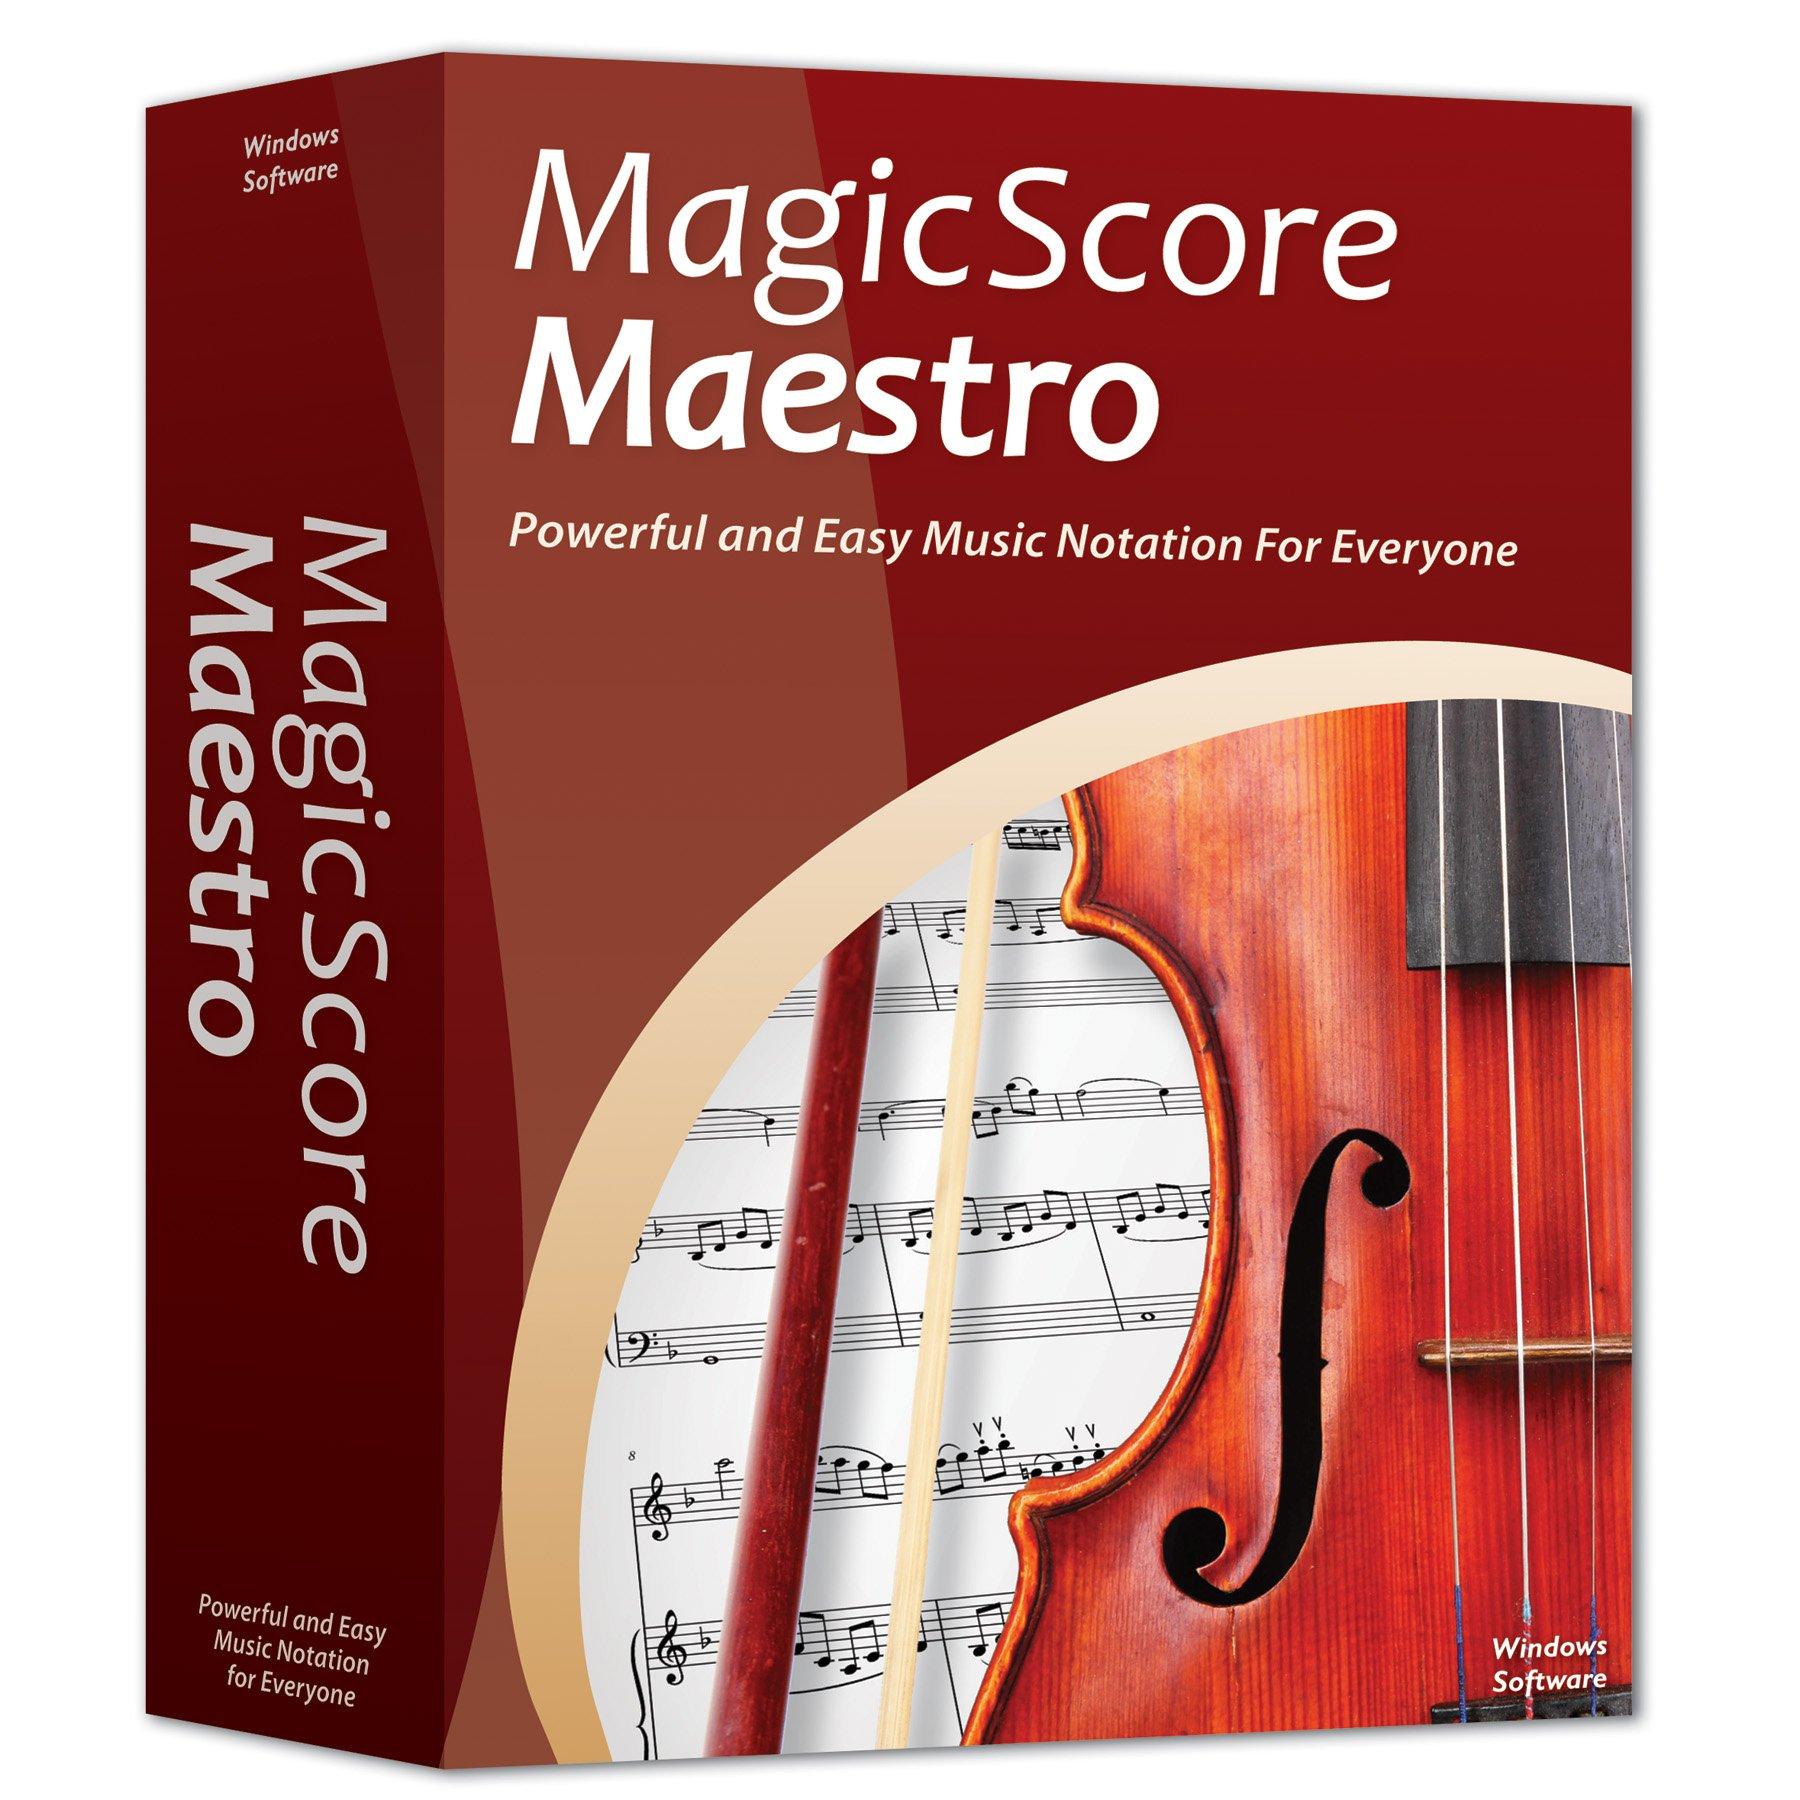 MagicScore Maestro v8.0 by MagicScore